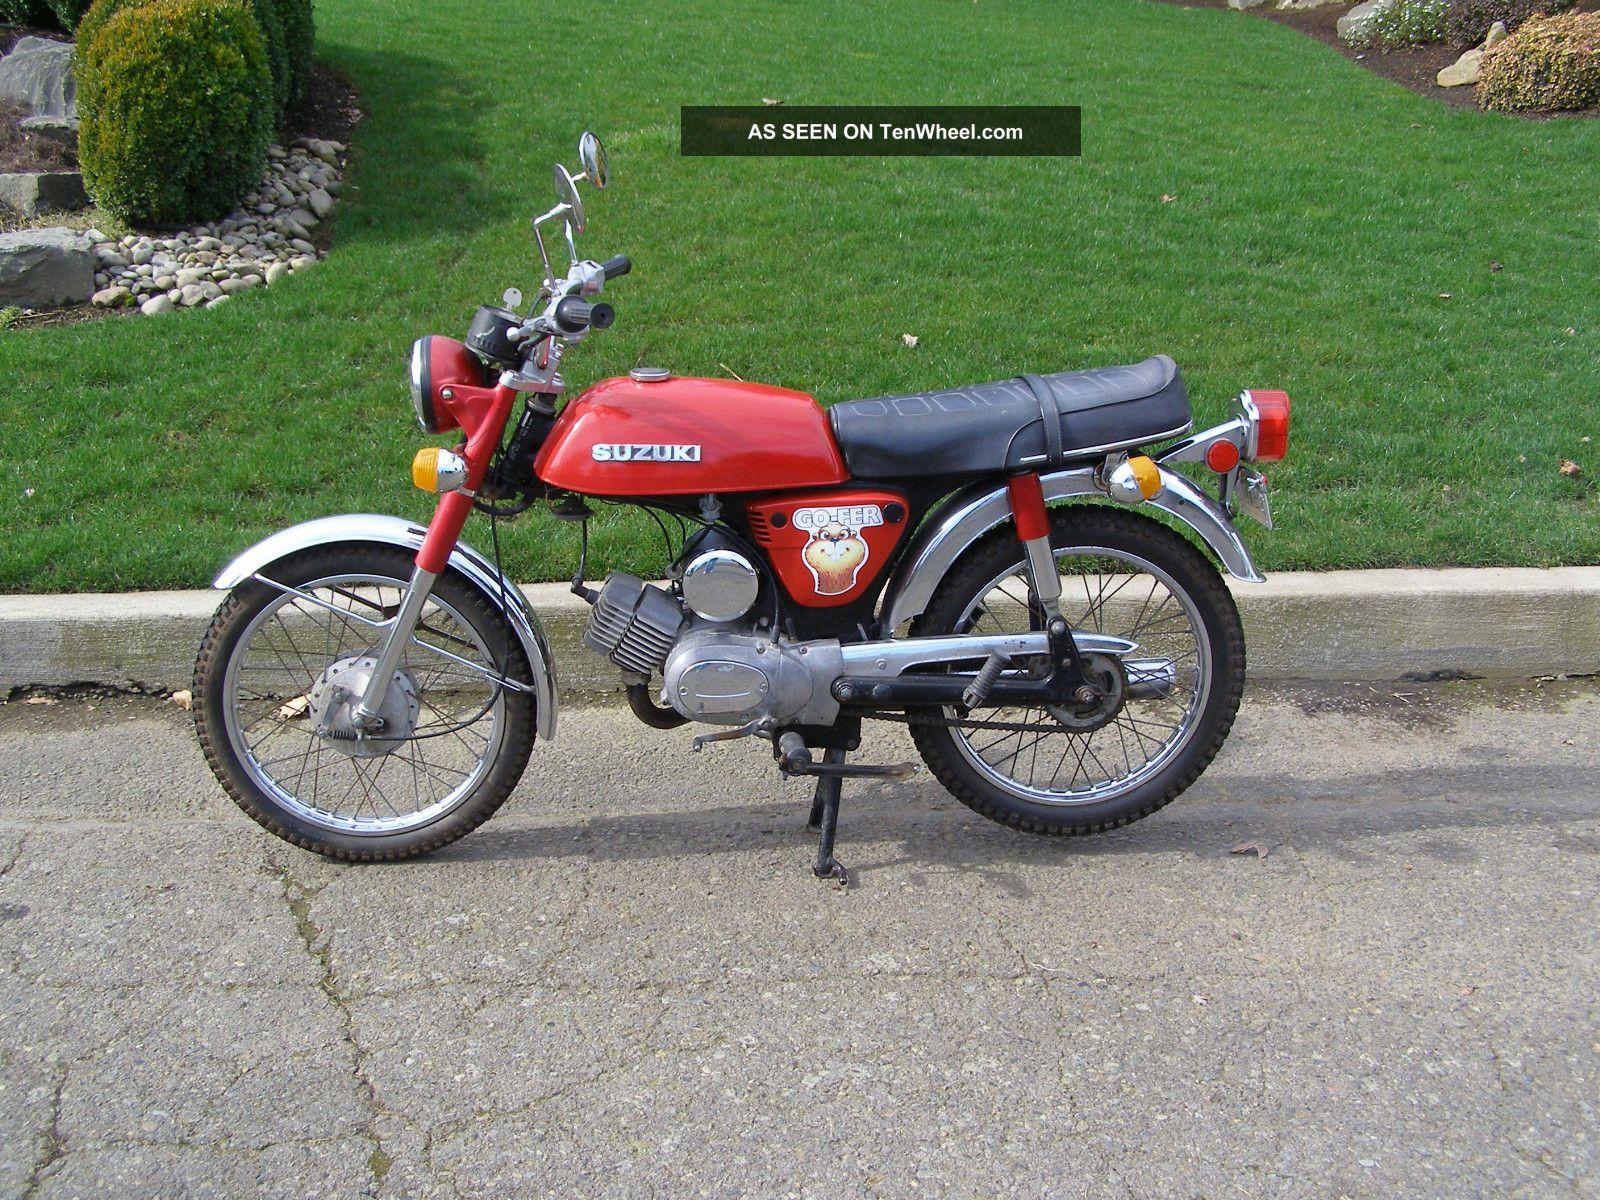 1976 Suzuki A100 Go Fer 100cc Vintage Street Bike 87 Chevy Dual Tank Schematic